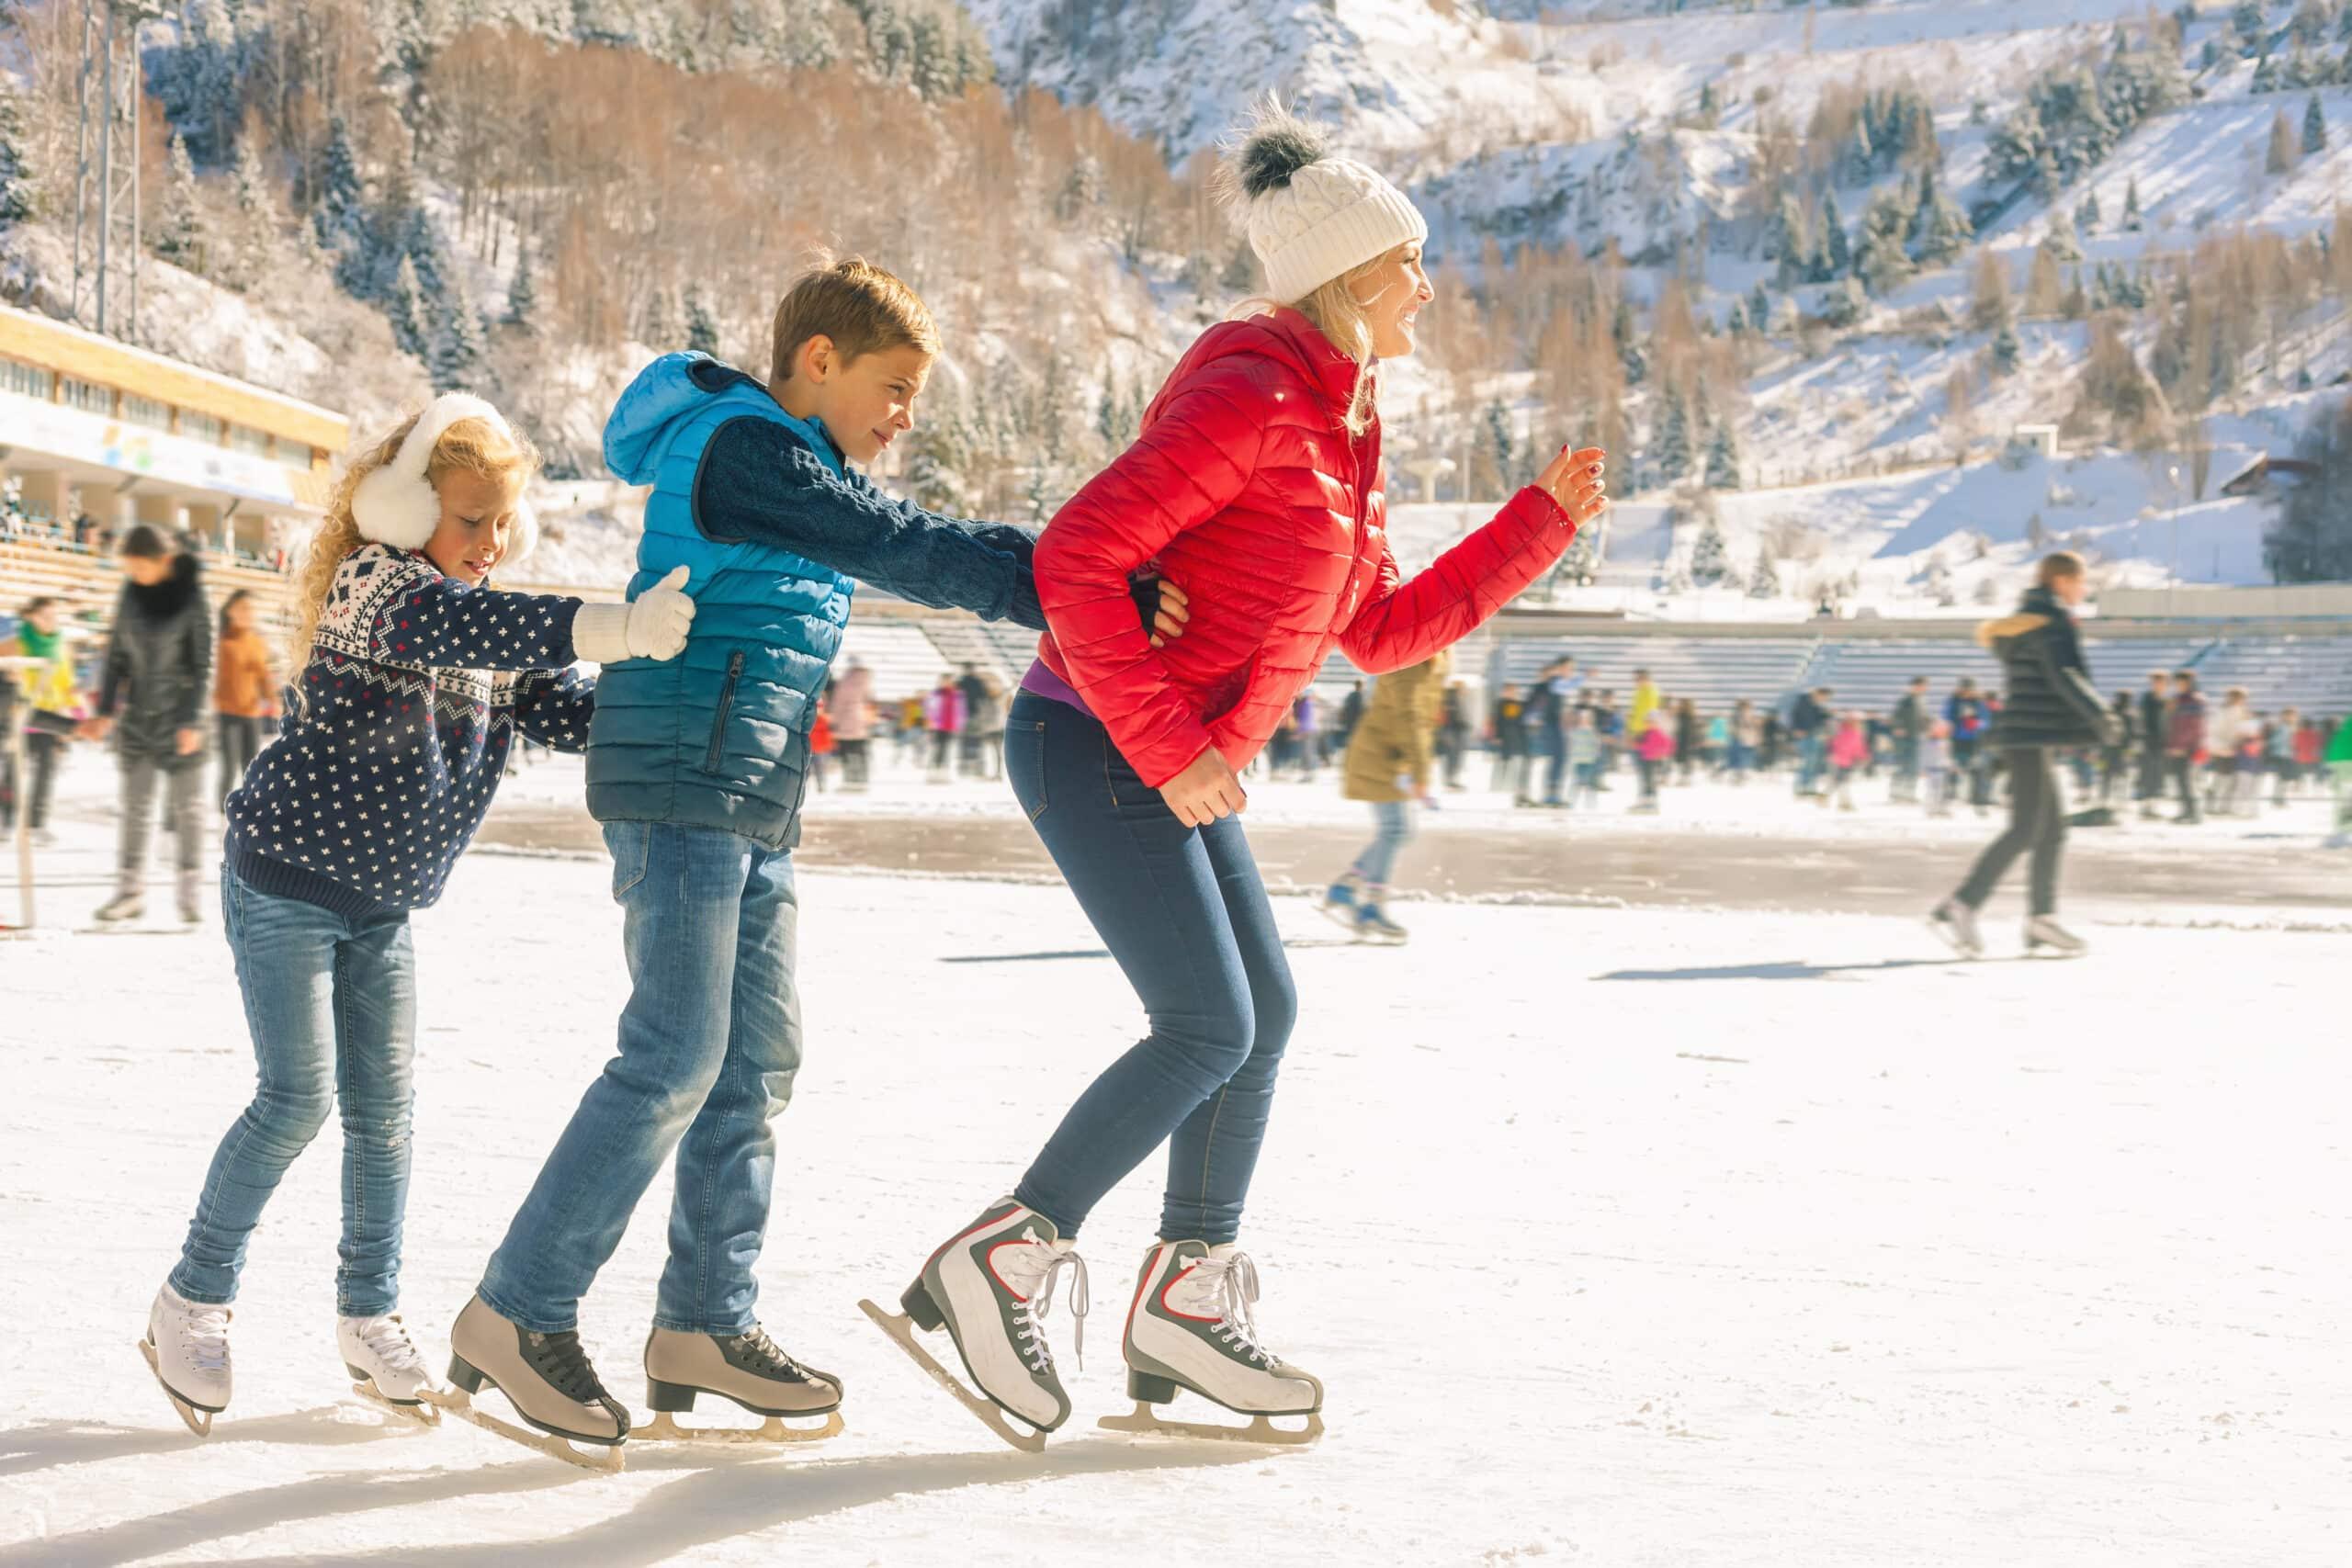 Ieteikumi sportošanai ziemā. Ko atcerēties.